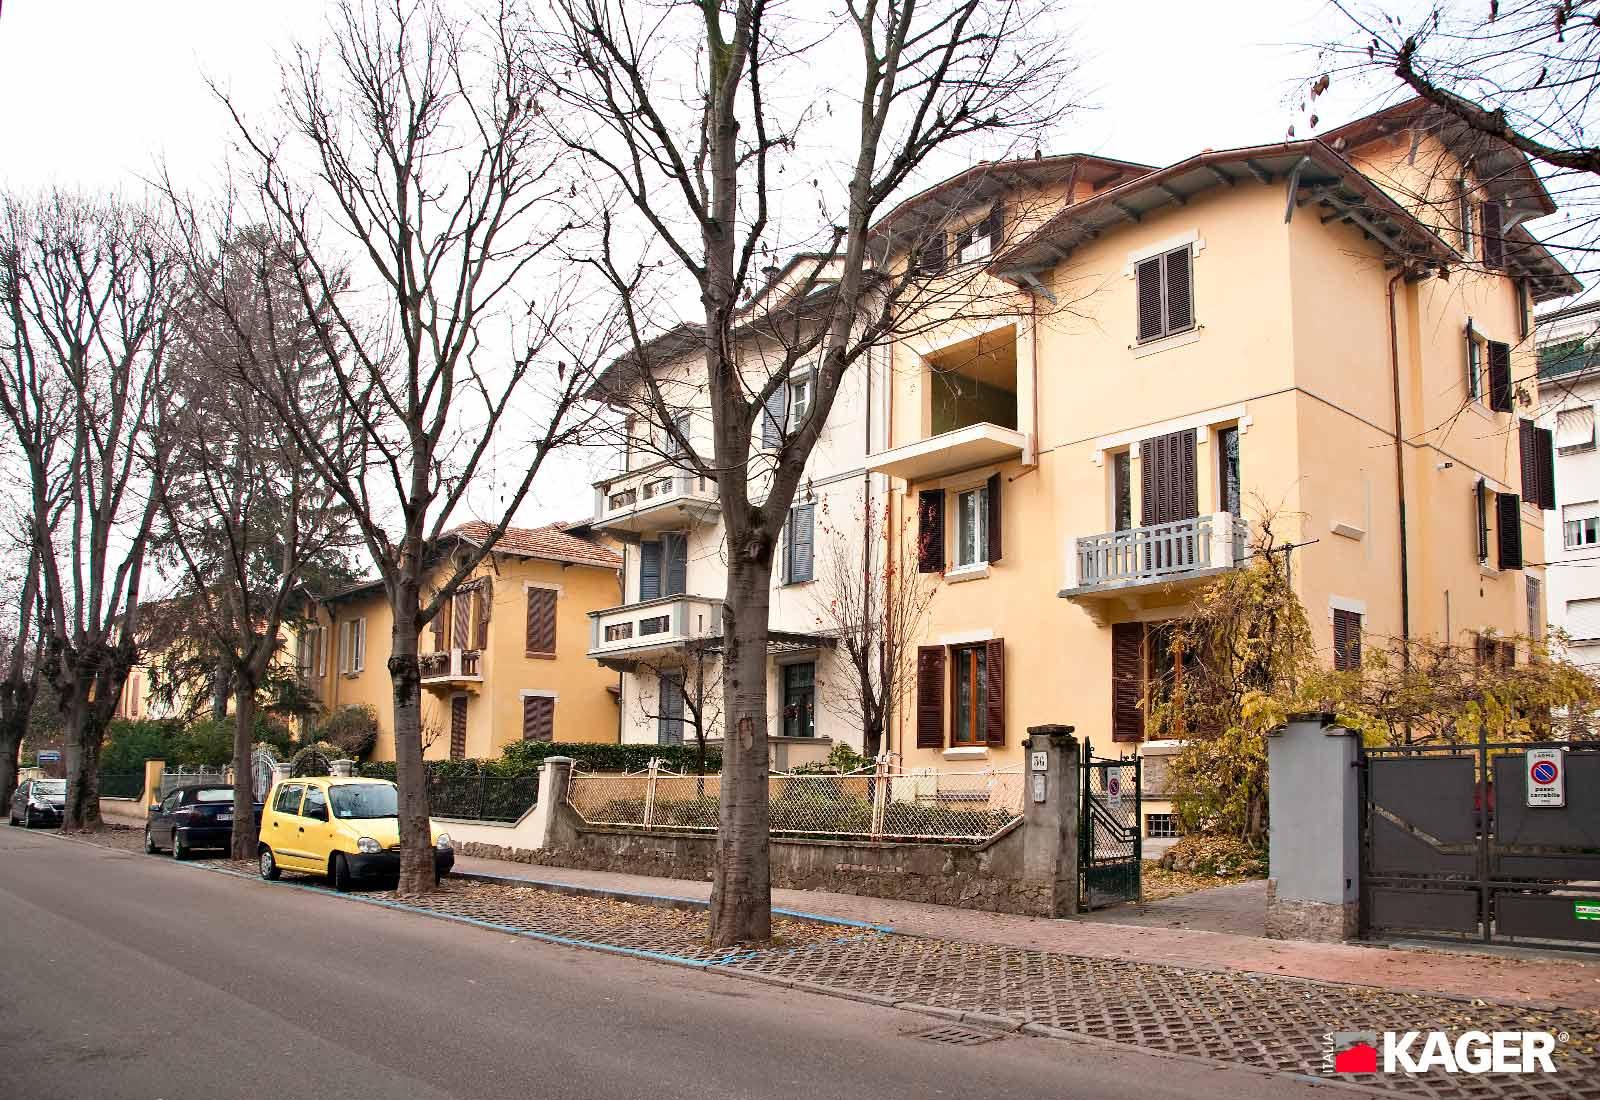 Casa-in-legno-Parma-sopraelevazione-Kager-Italia-03